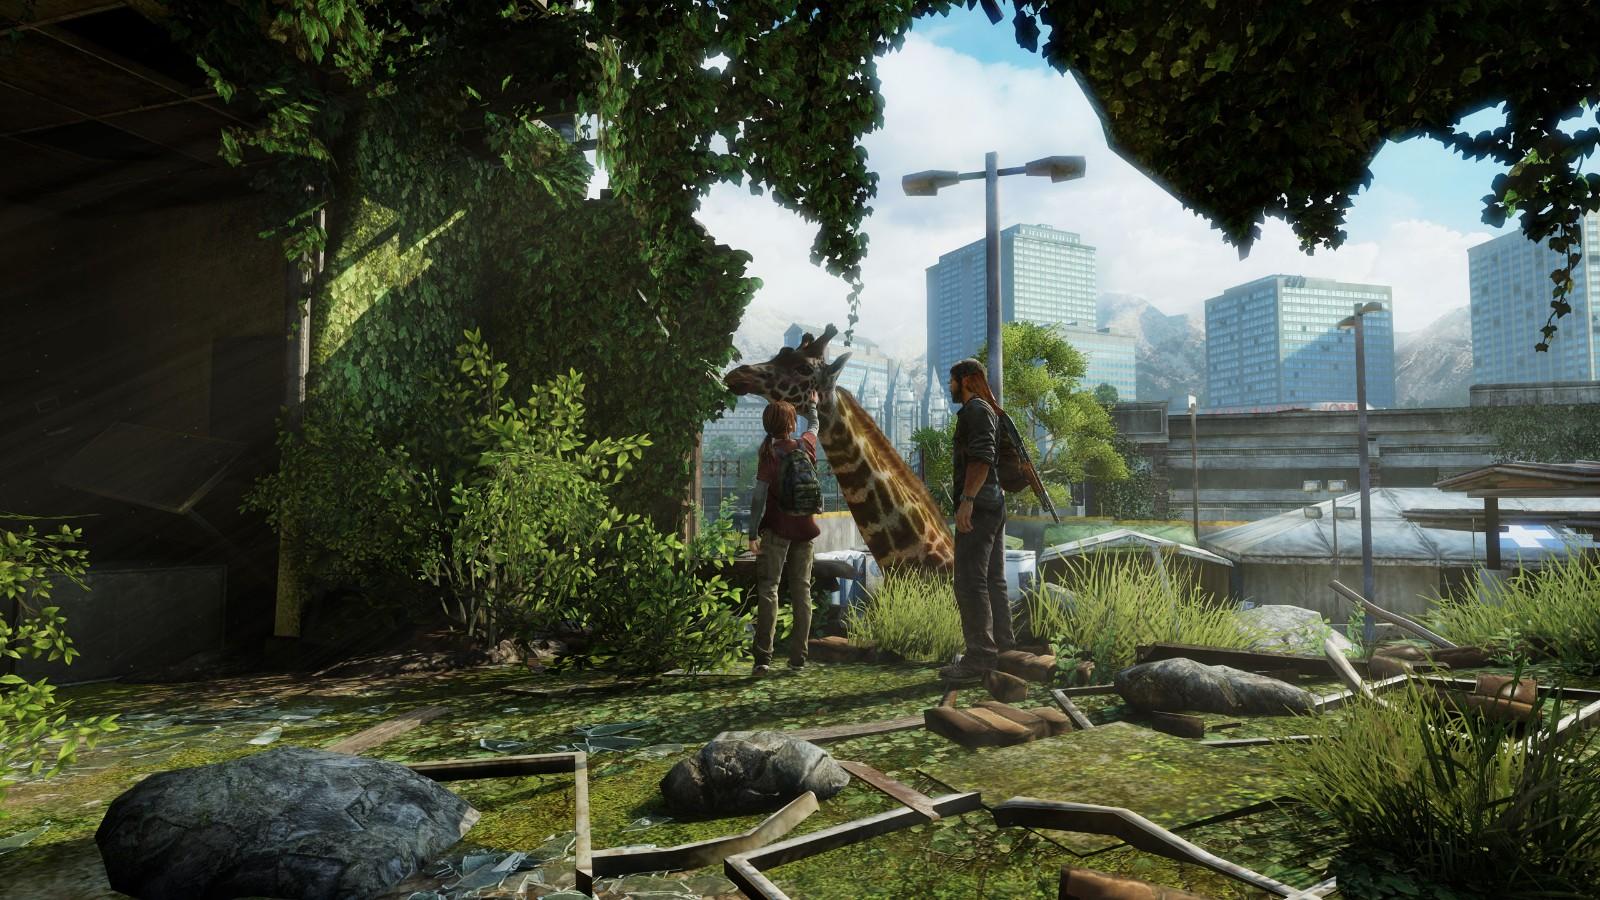 《最后生还者》发售八周年 顽皮狗发推感谢玩家的支持 游戏资讯 第2张